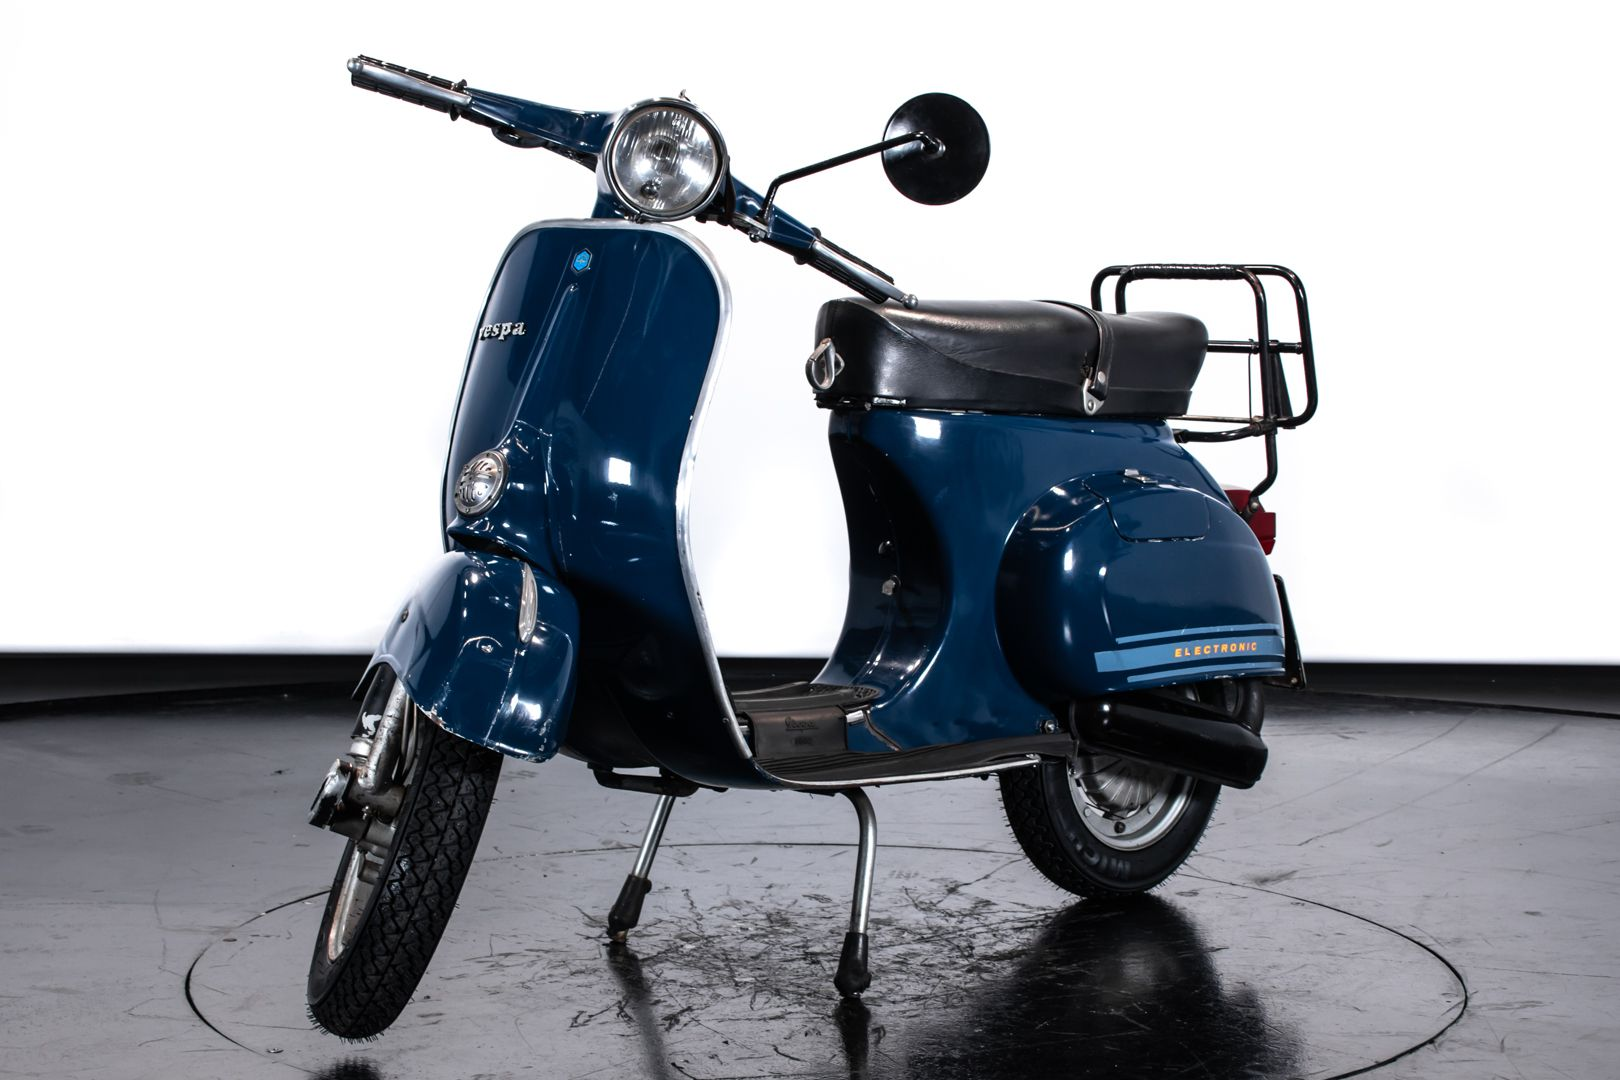 1978 Piaggio Vespa 125 Primavera 78386